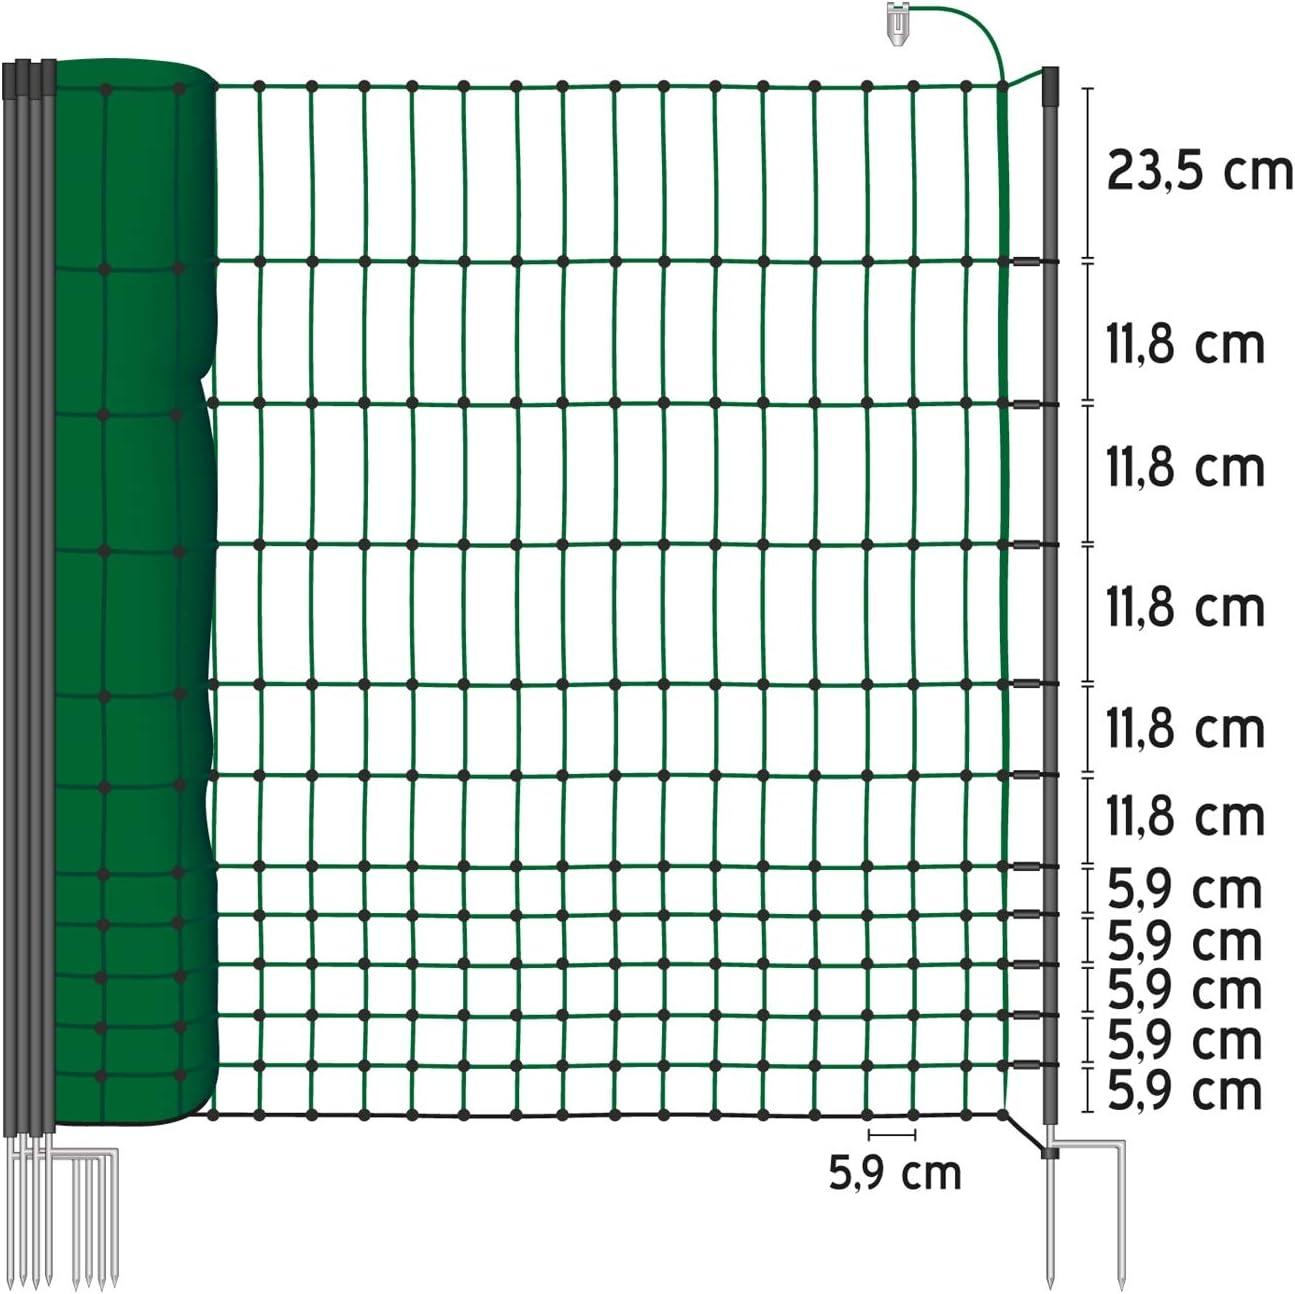 Geflügelzaun Geflügelnetz  Volieren  0,50 m x 15 m  grün  Maschenweite 5 cm